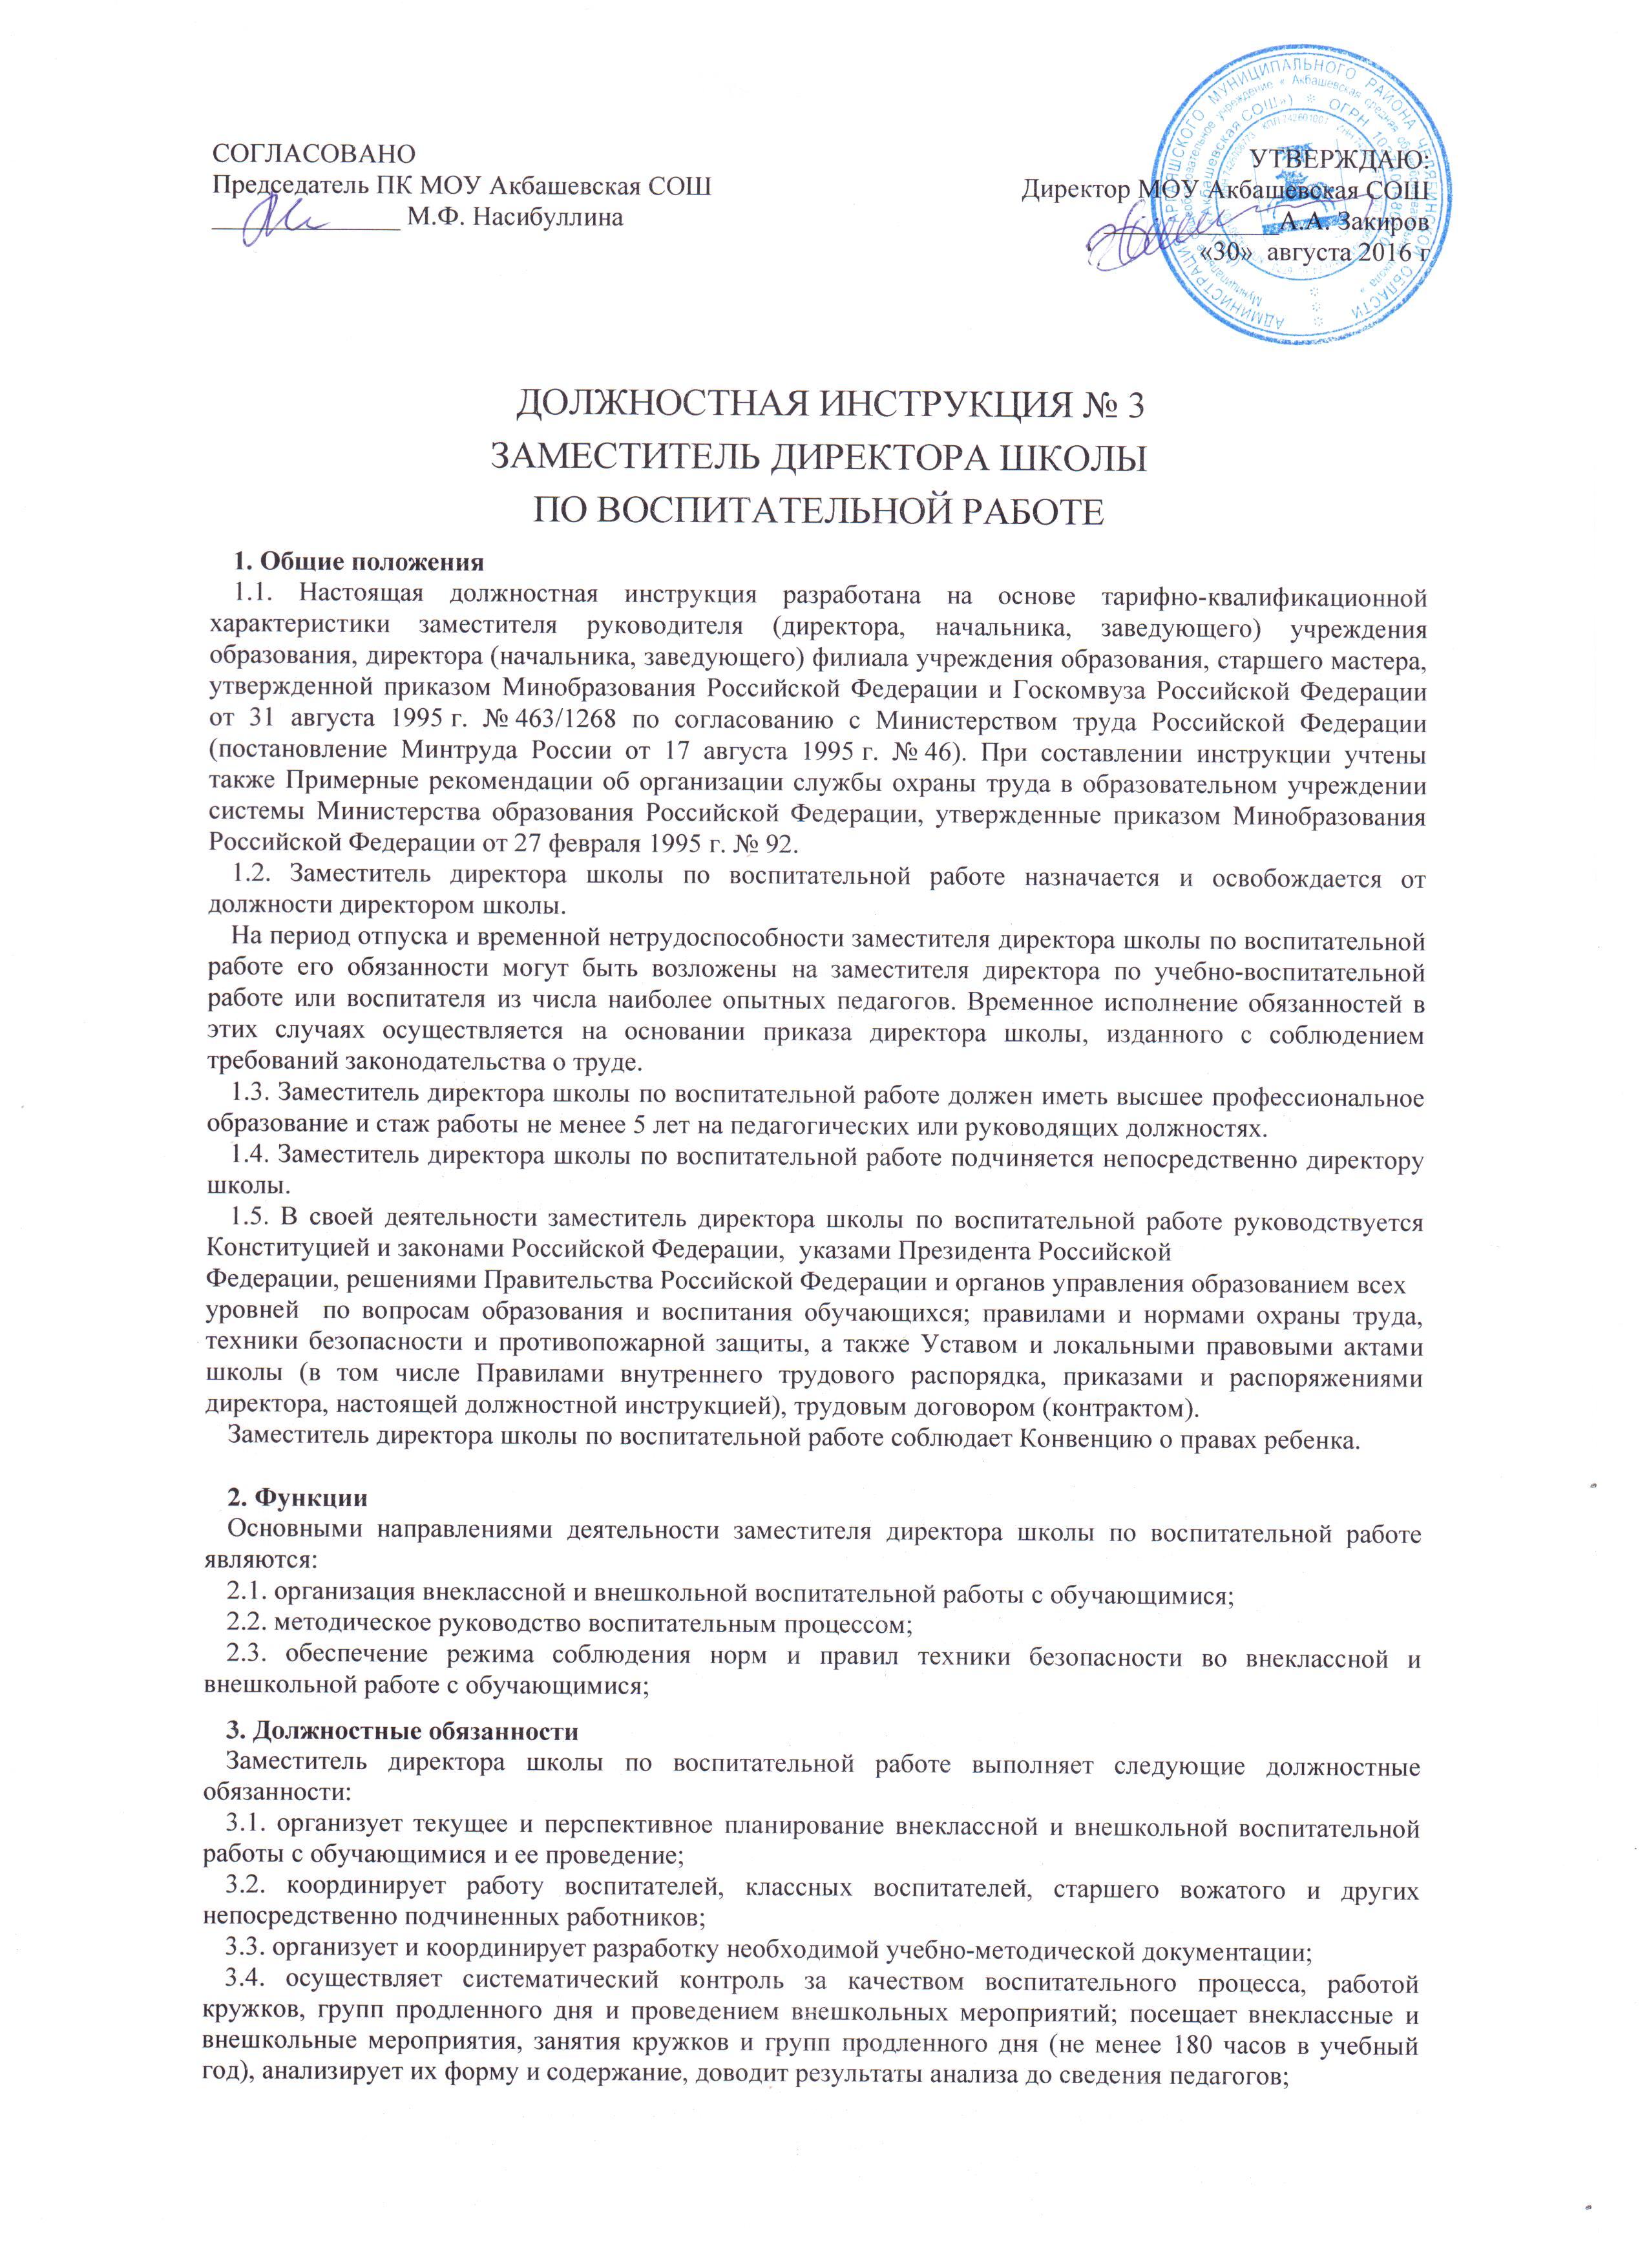 Заместитель директора по воспитательной работе должностные инструкции